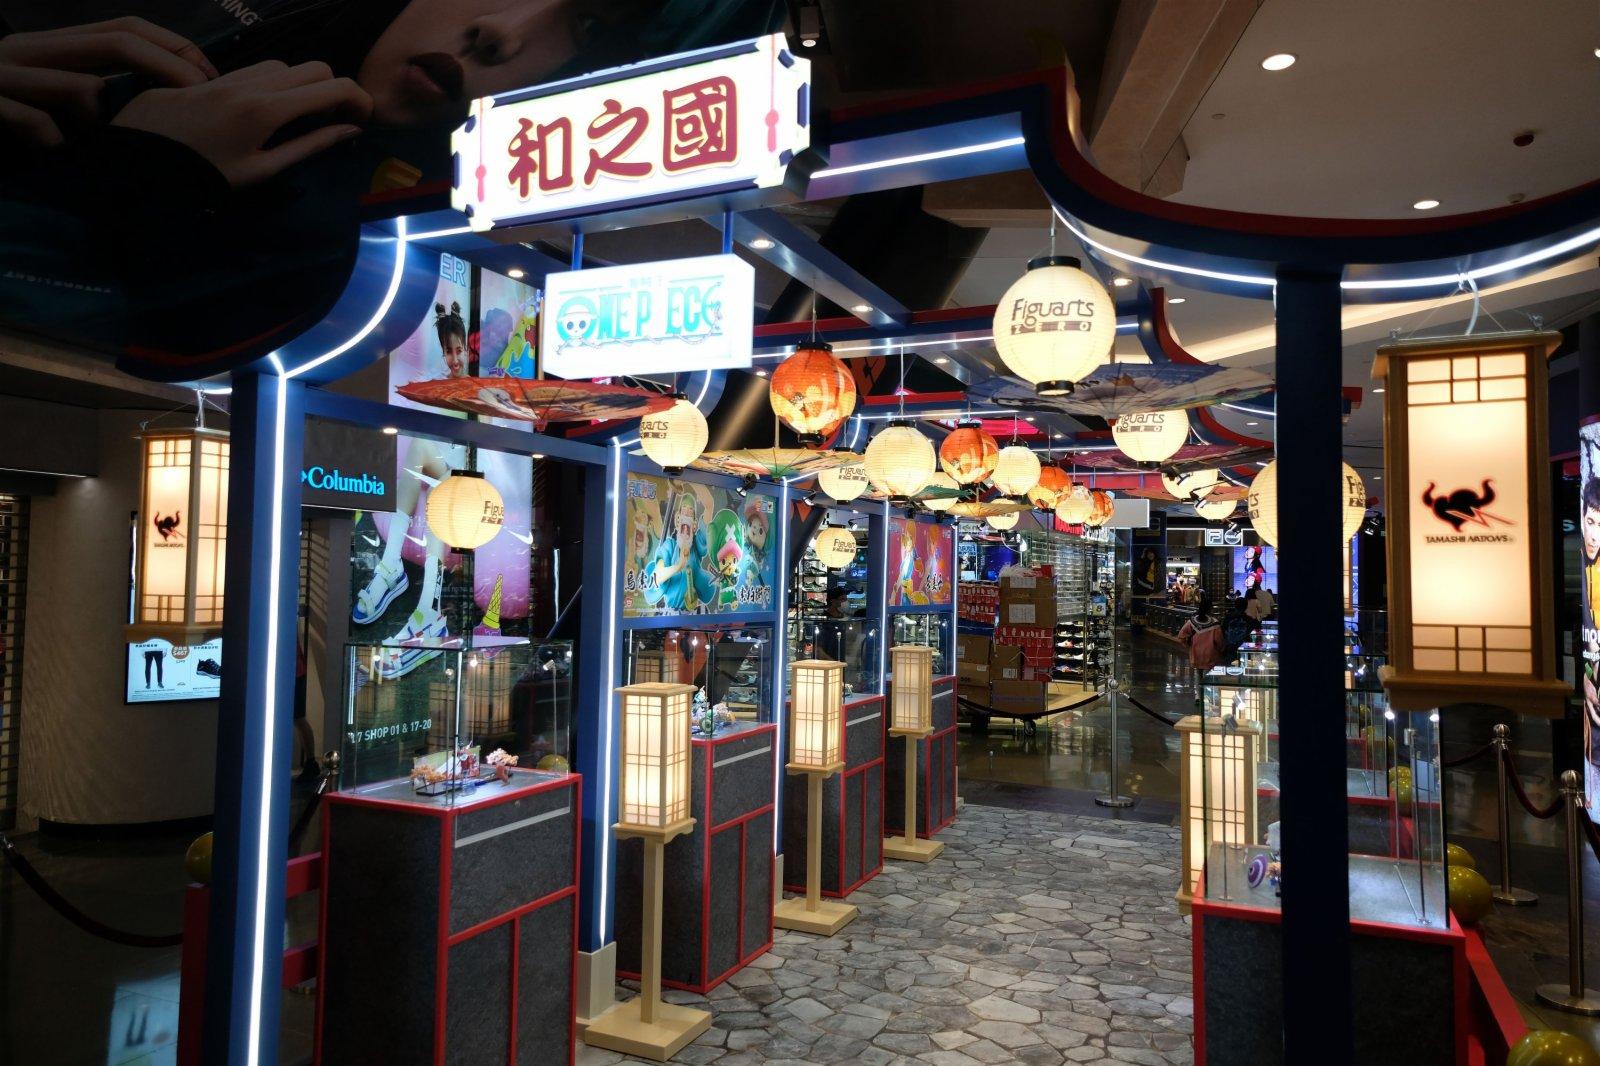 7樓則有《One Piece — 和之國篇》展覽,重現漫畫「和之國篇」場景。